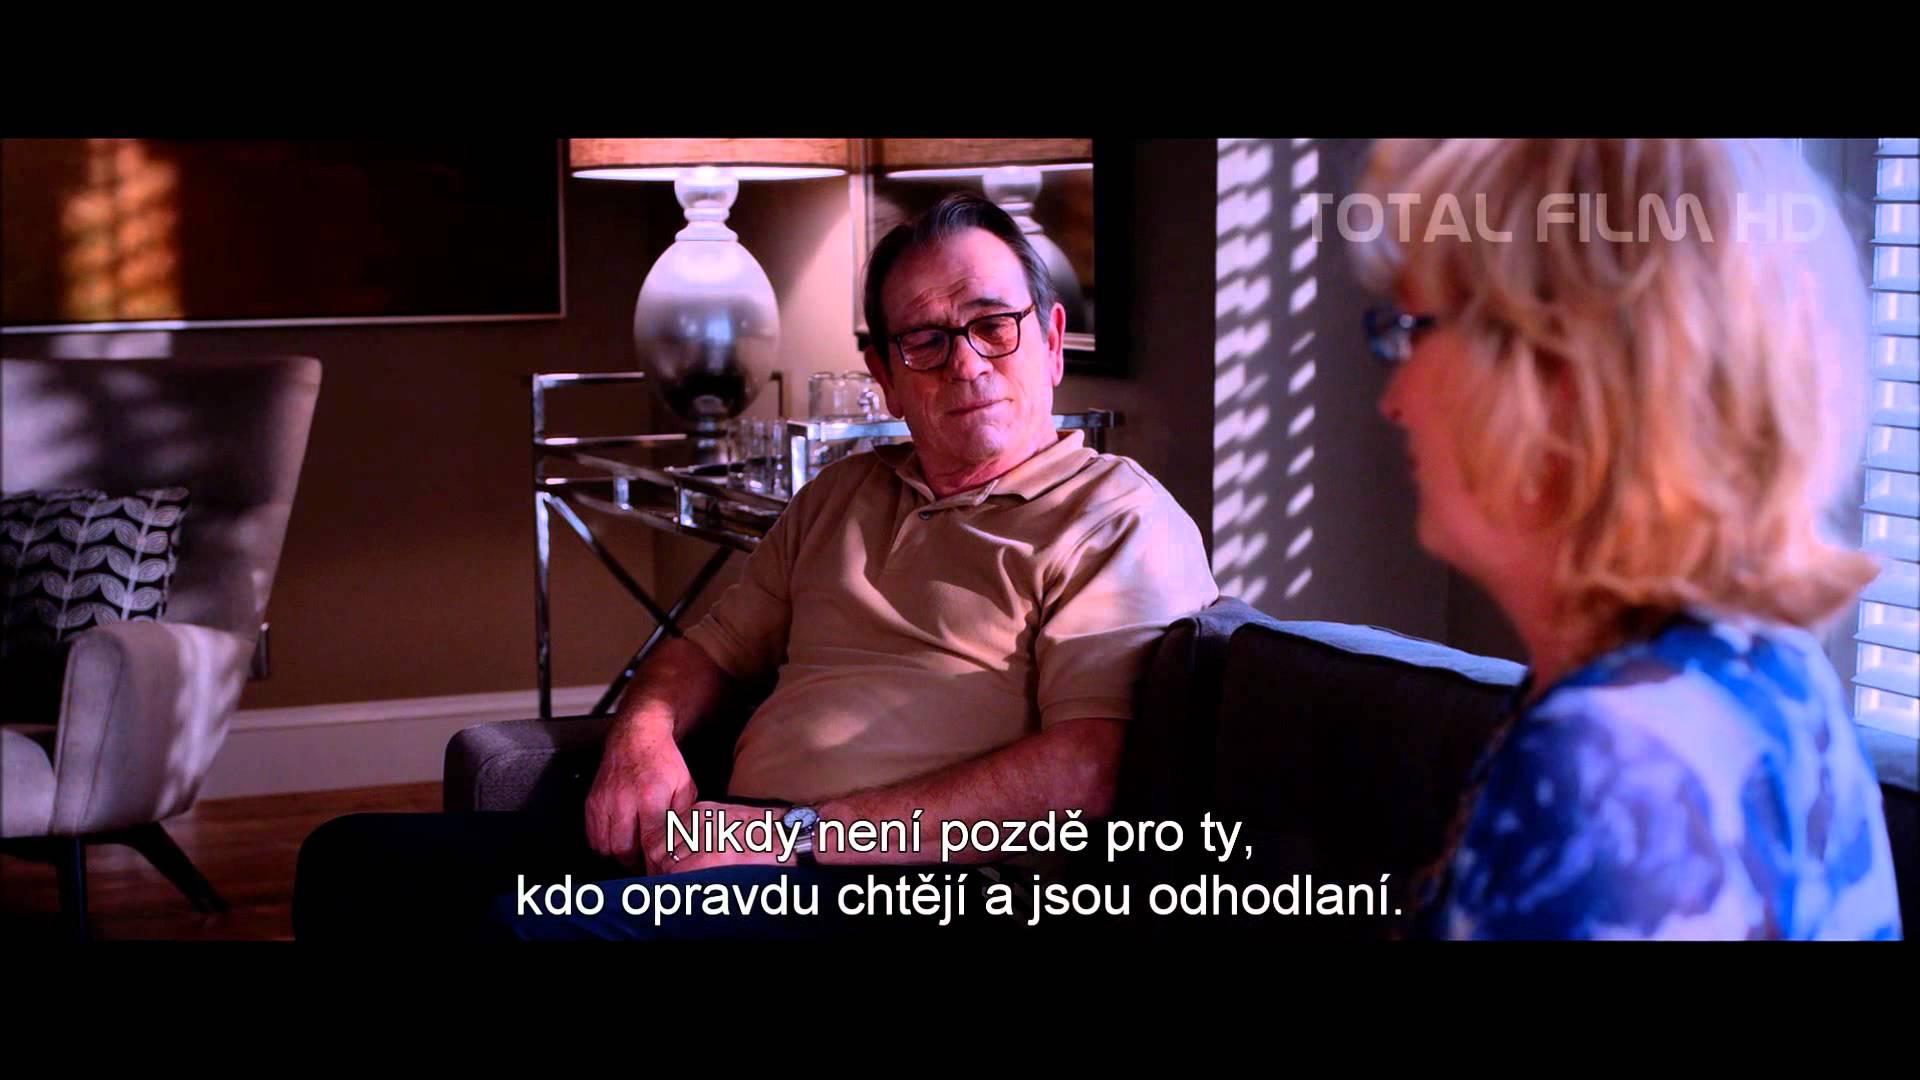 DRUHÁ ŠANCE (2012) CZ HD trailer (české titulky)